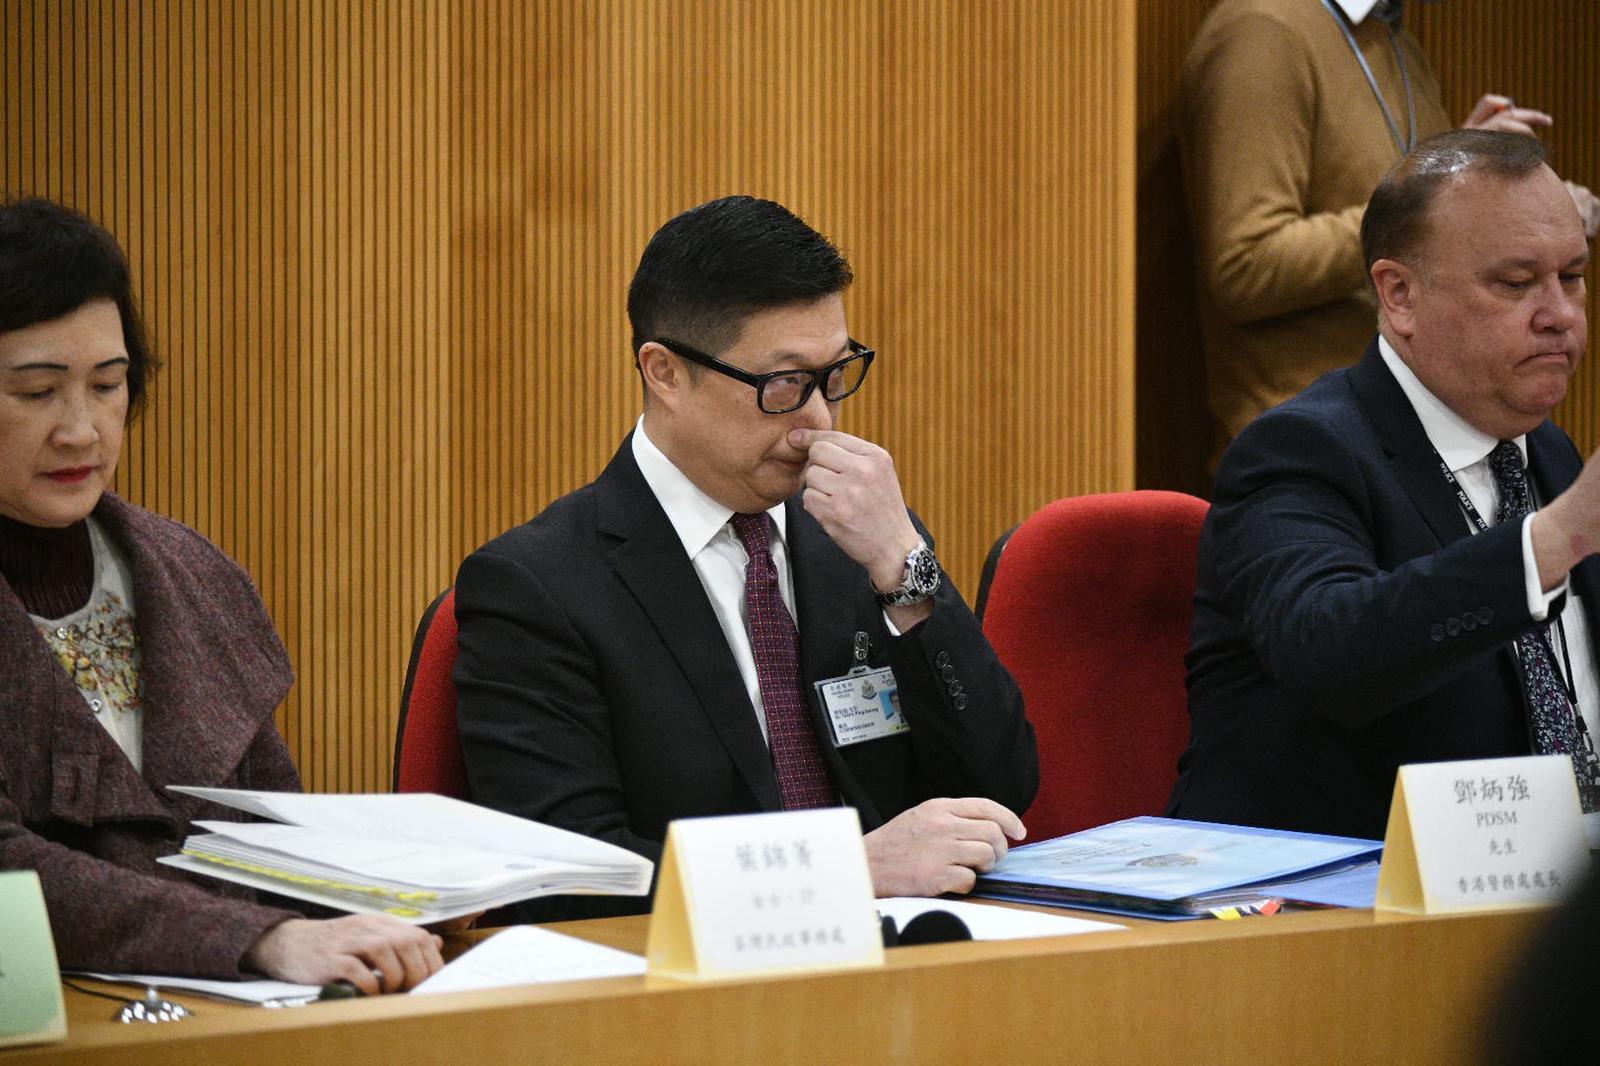 邓炳强出席荃湾区会 撑警团体隔空对骂工党